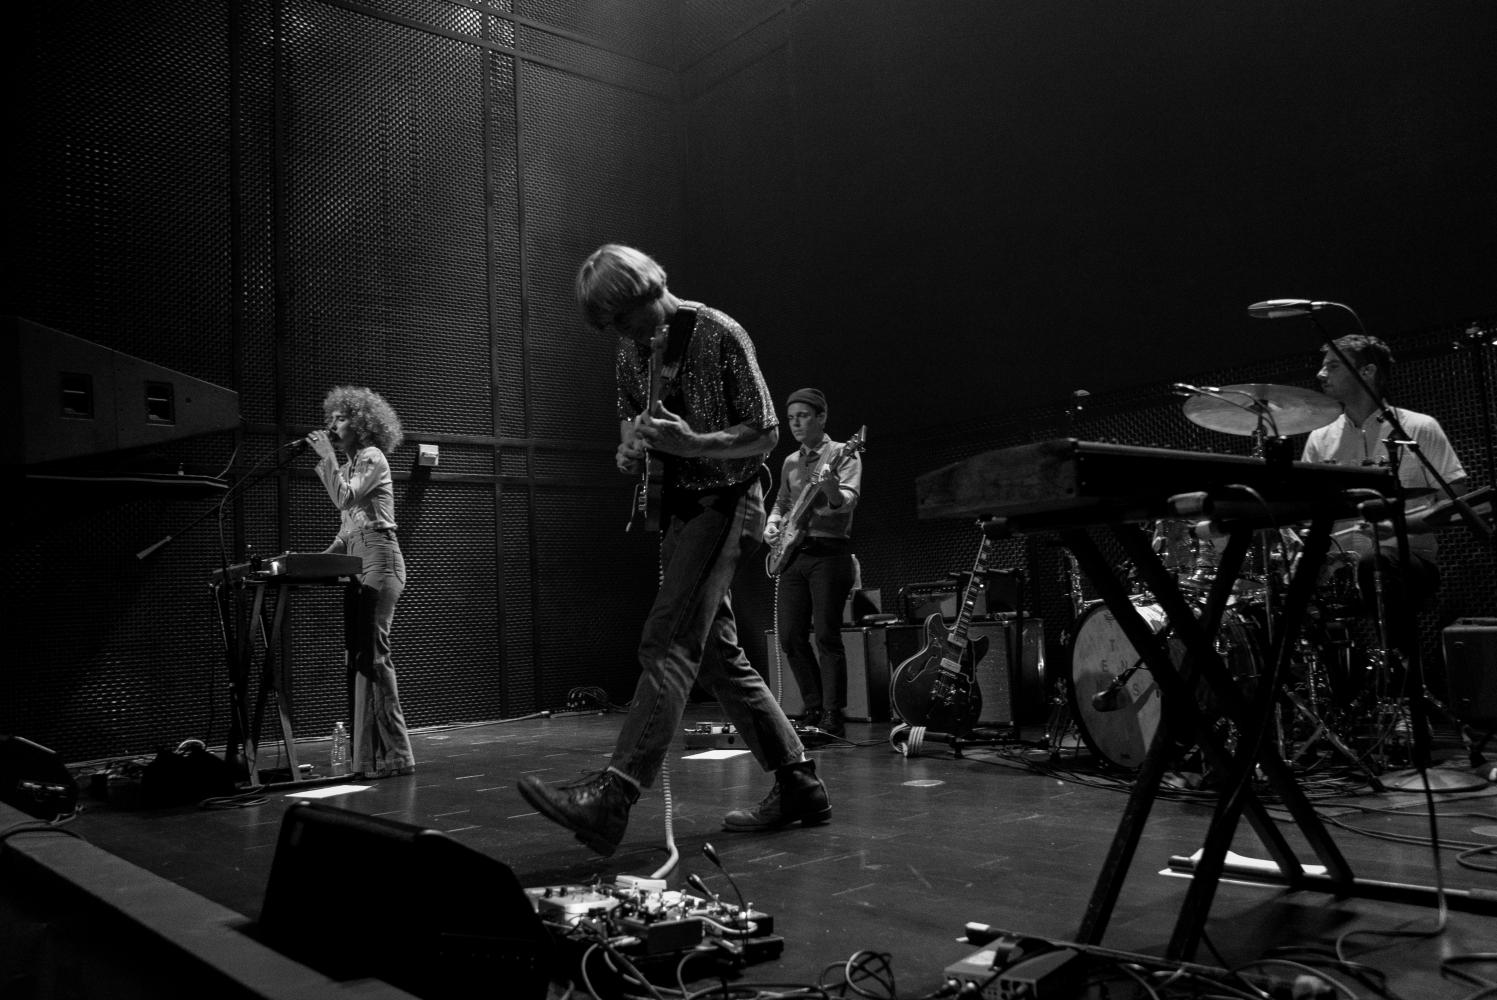 TENNIS - MUSIC BOX - 11/24/17        SAN DIEGO, CA.